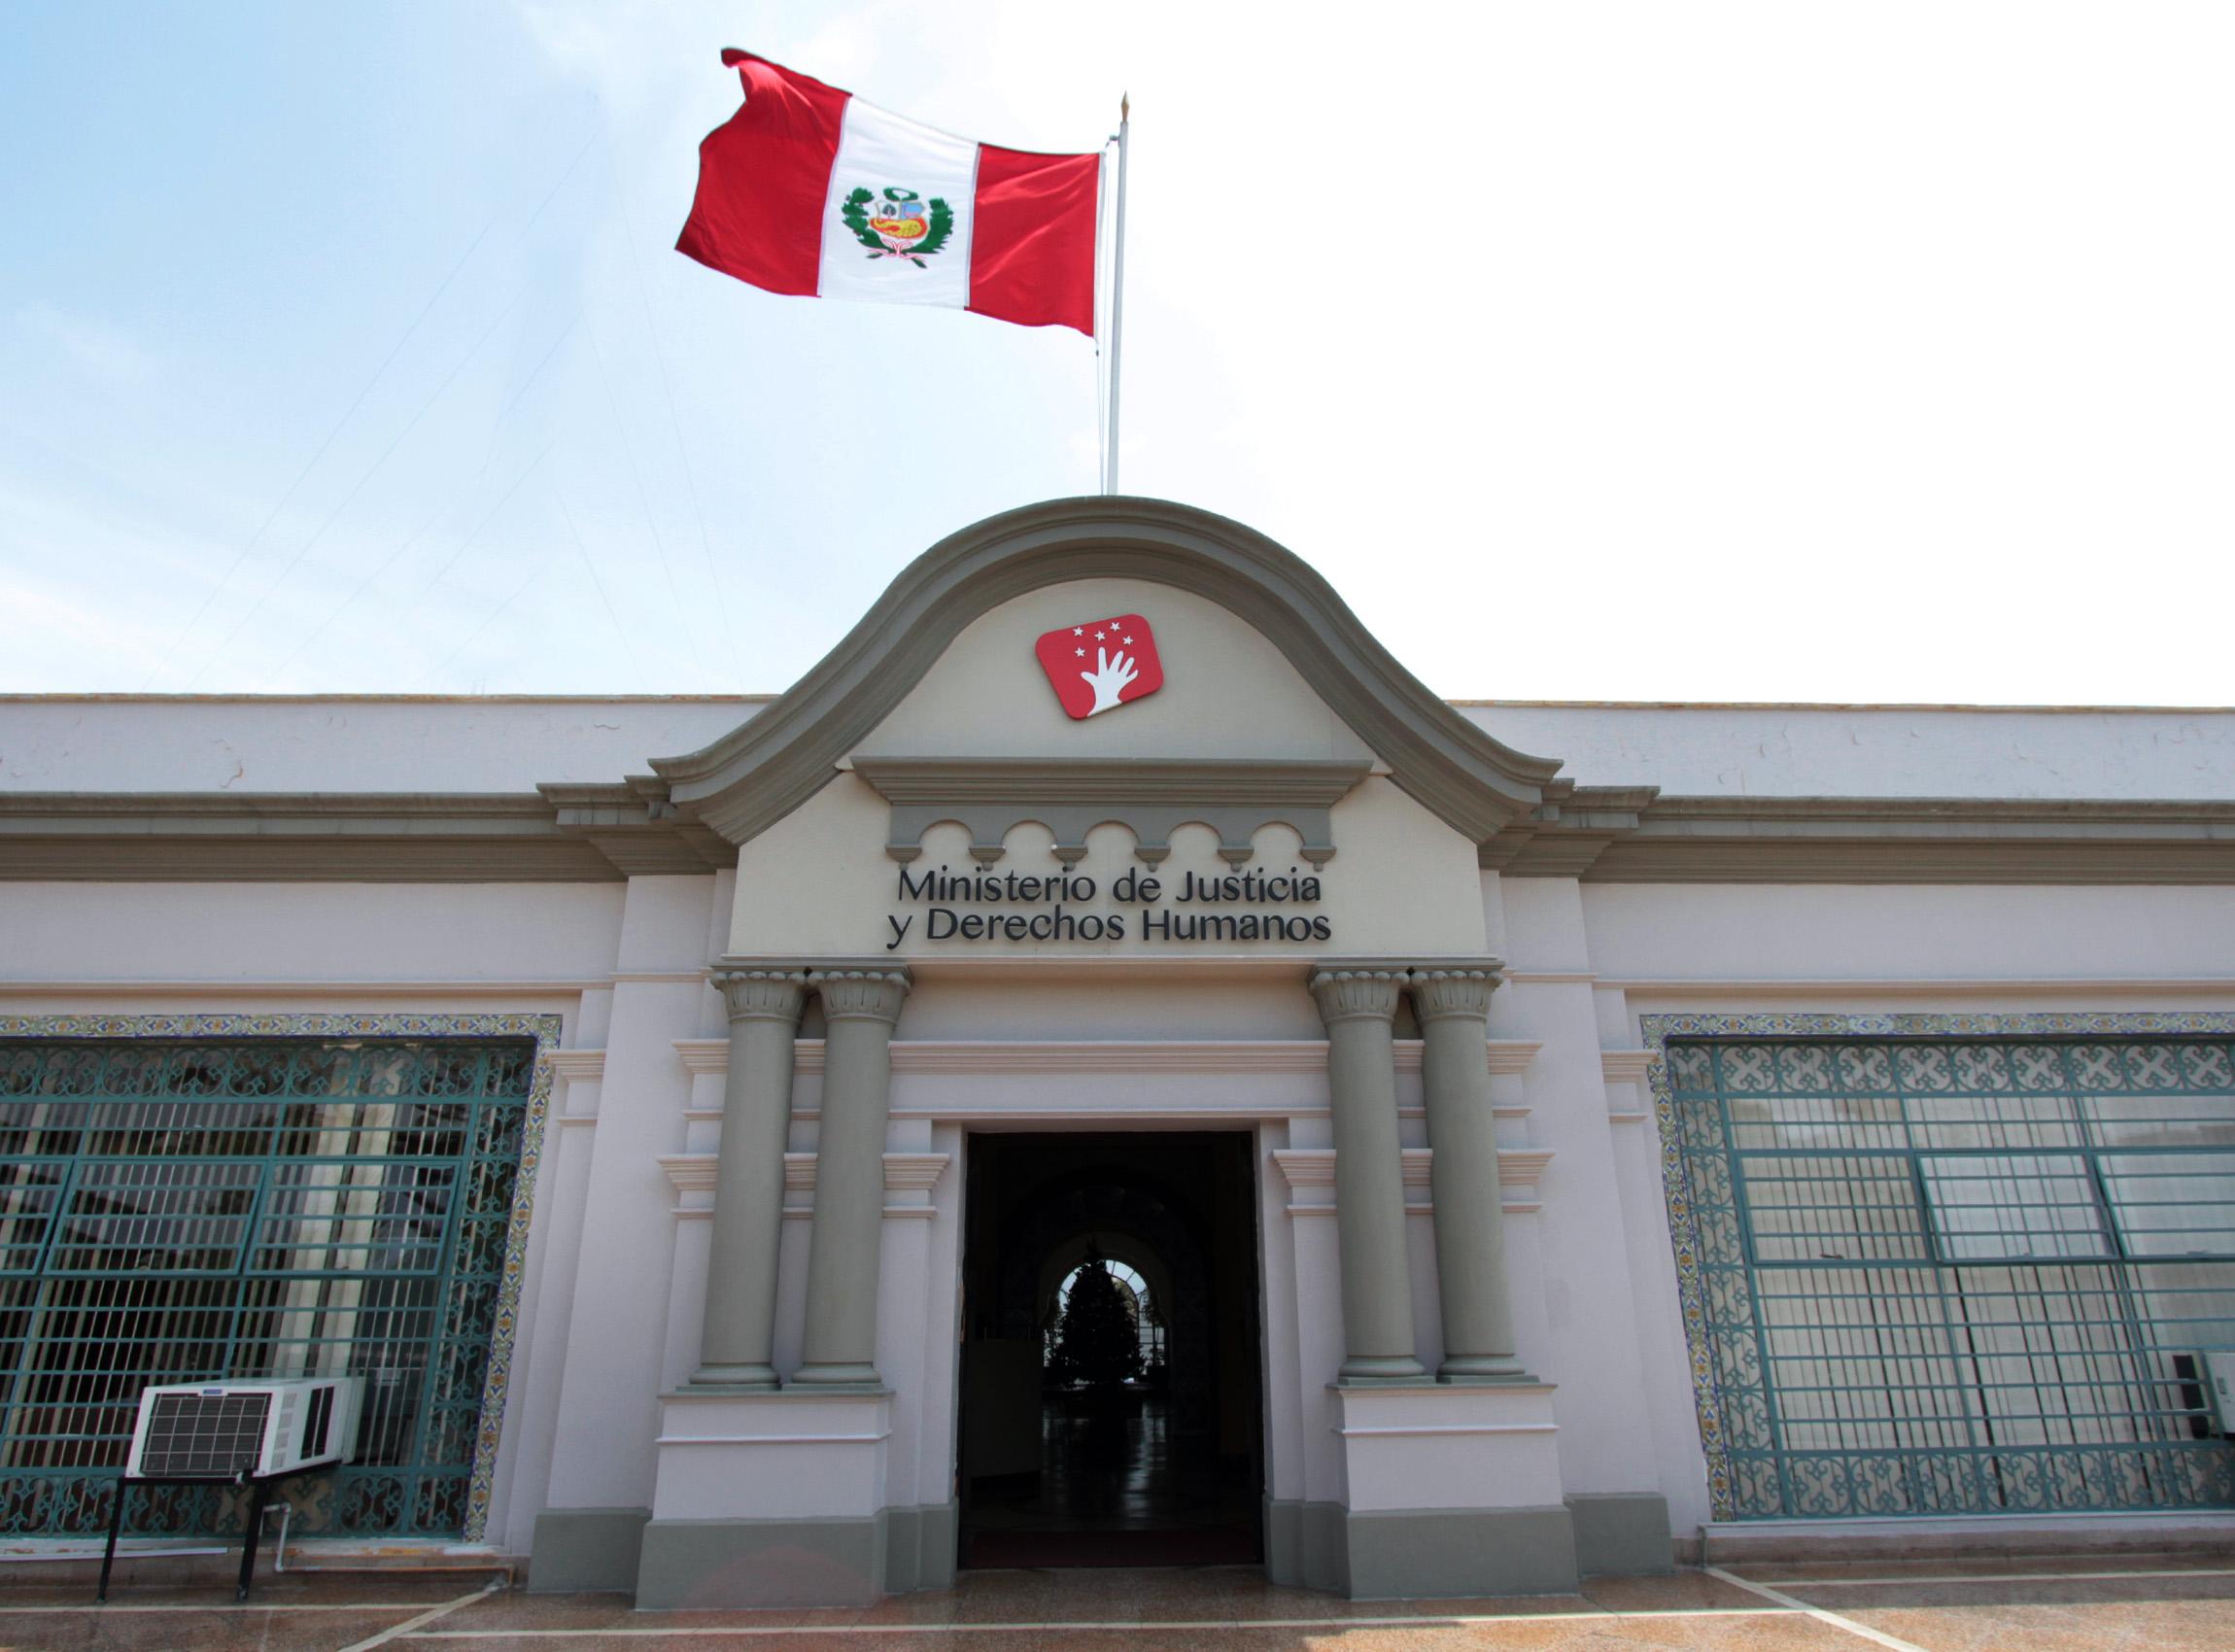 Ministerio-de-Justicia-y-Derechos-Humanos1